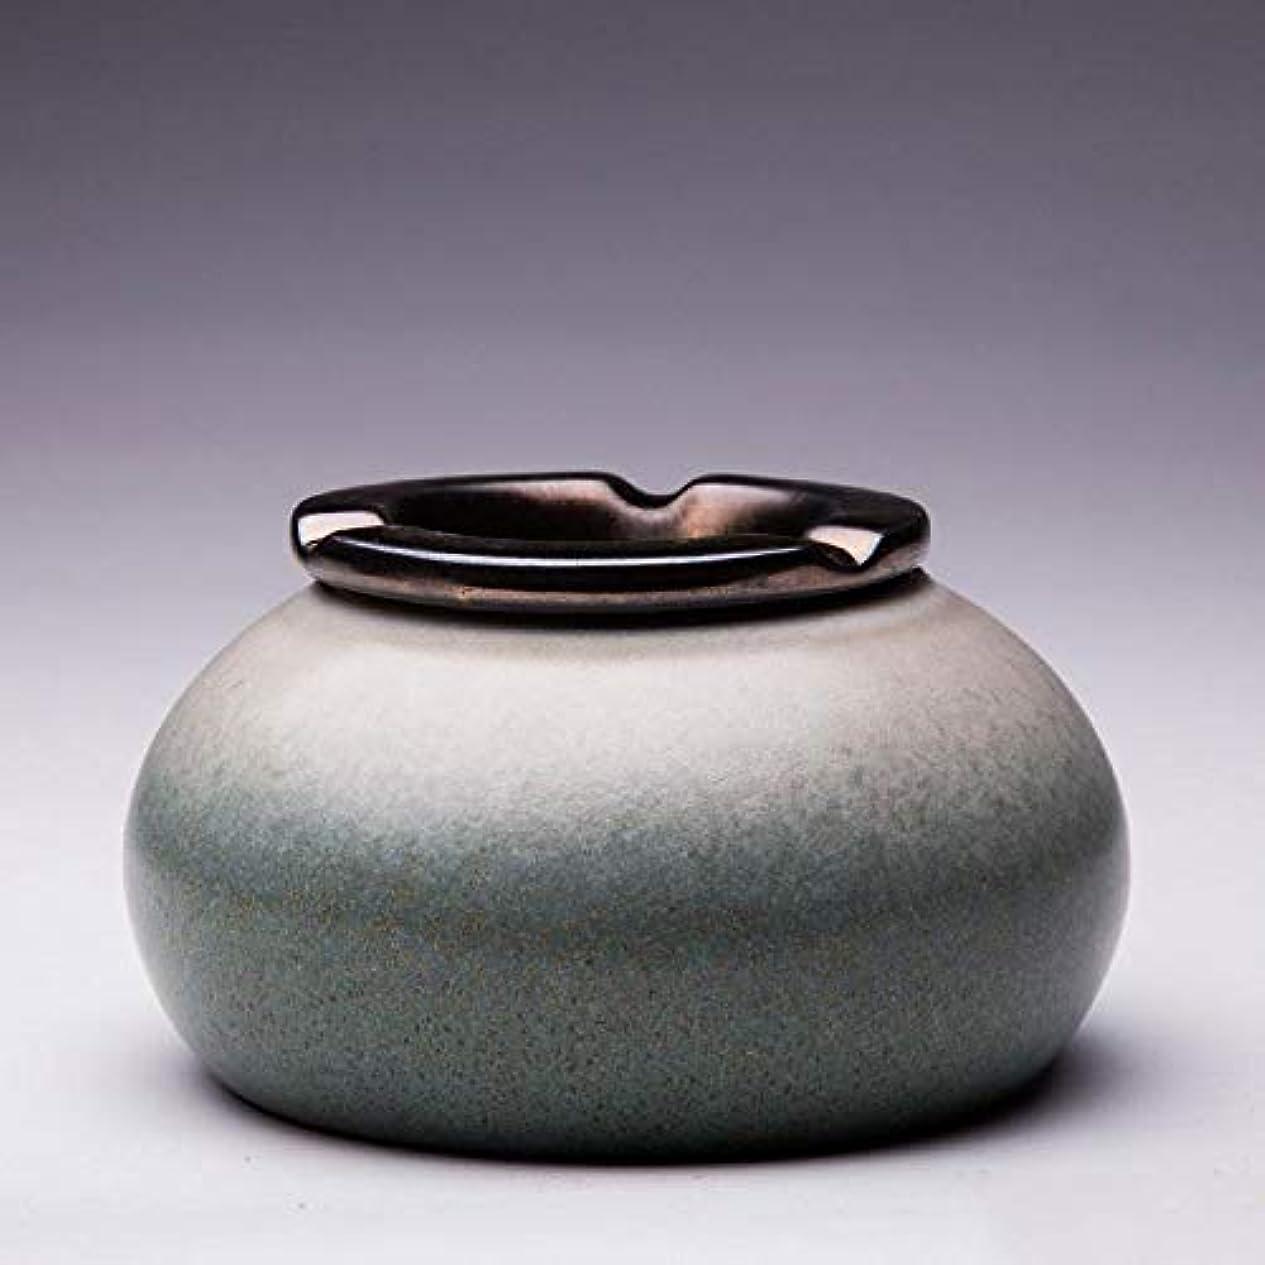 航空機航空会社ノベルティ灰皿Creative Outdoor Ceramics灰皿 (色 : グレー)